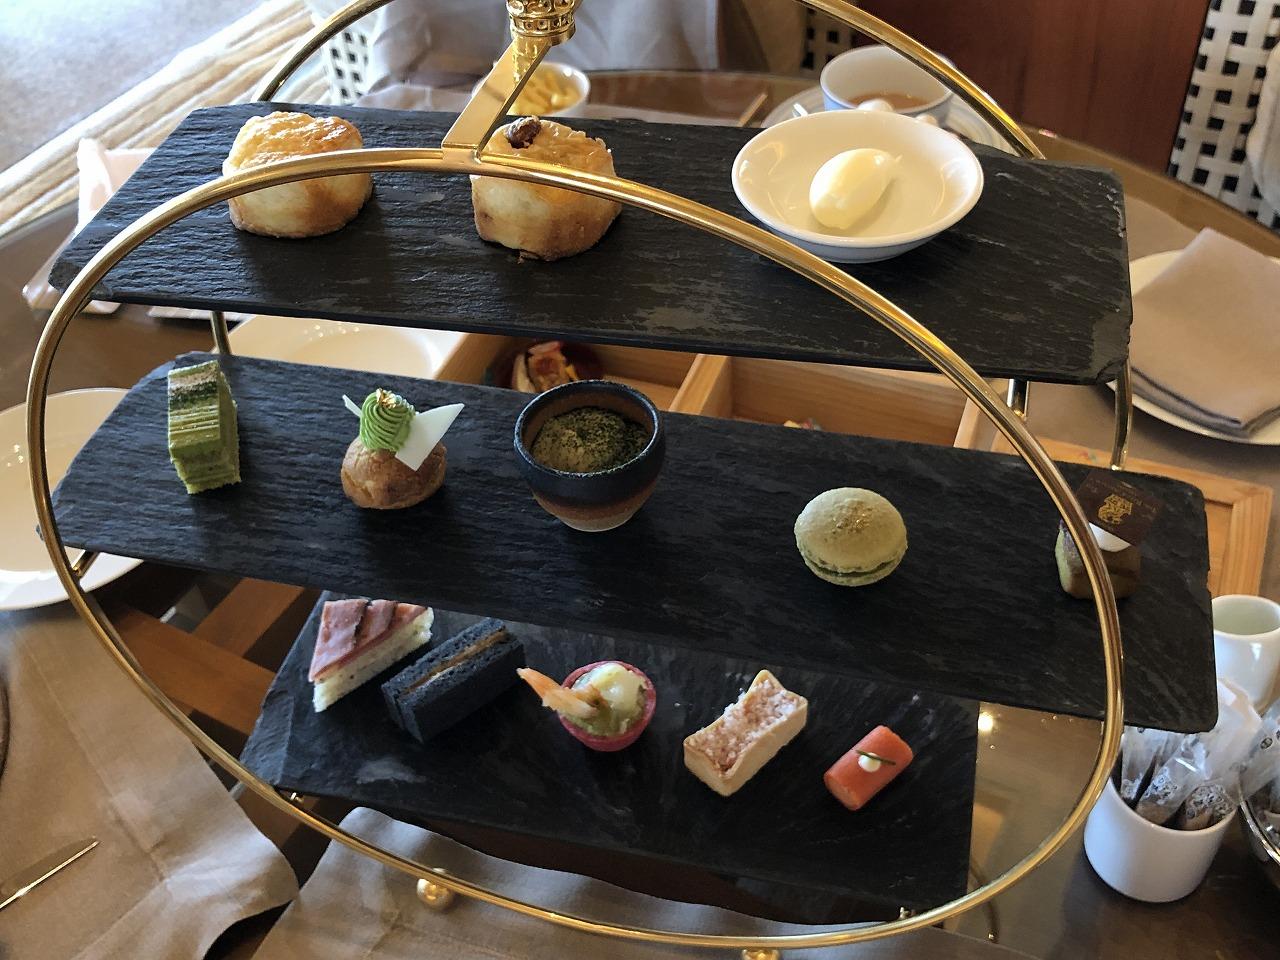 リッツカールトン沖縄の緑茶アフタヌーンティ1